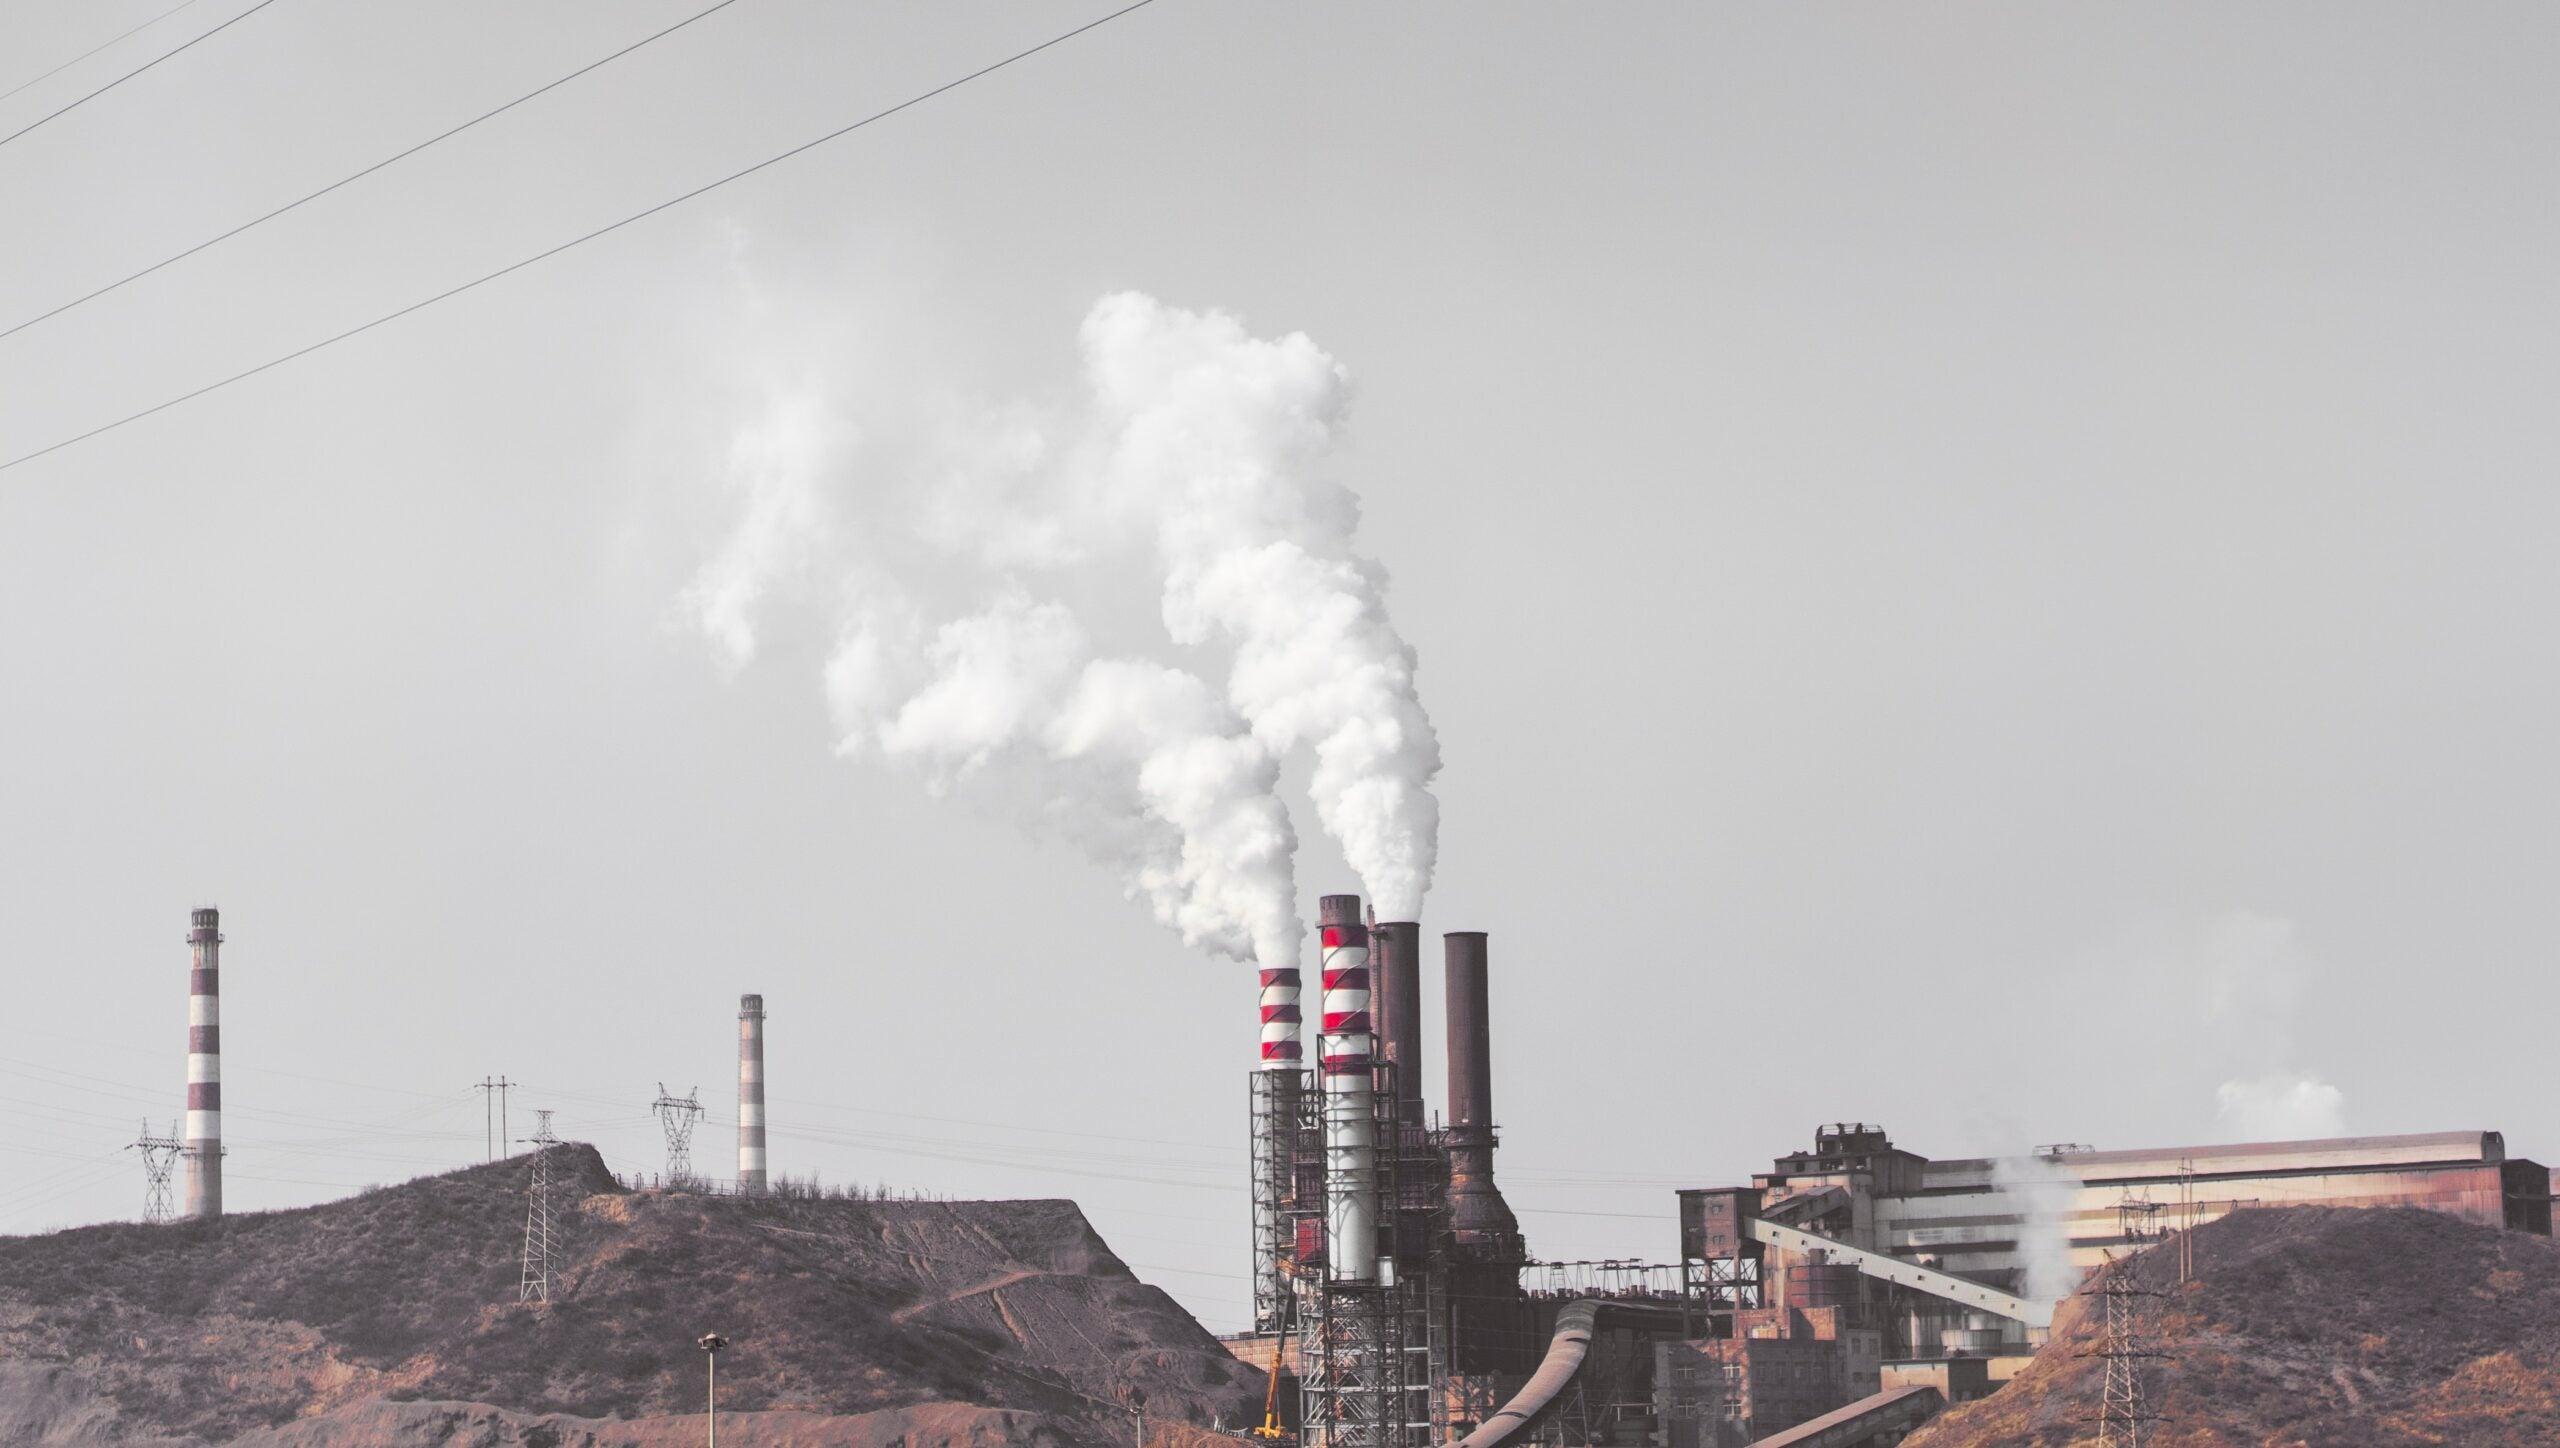 Smoke stack emitting pollution